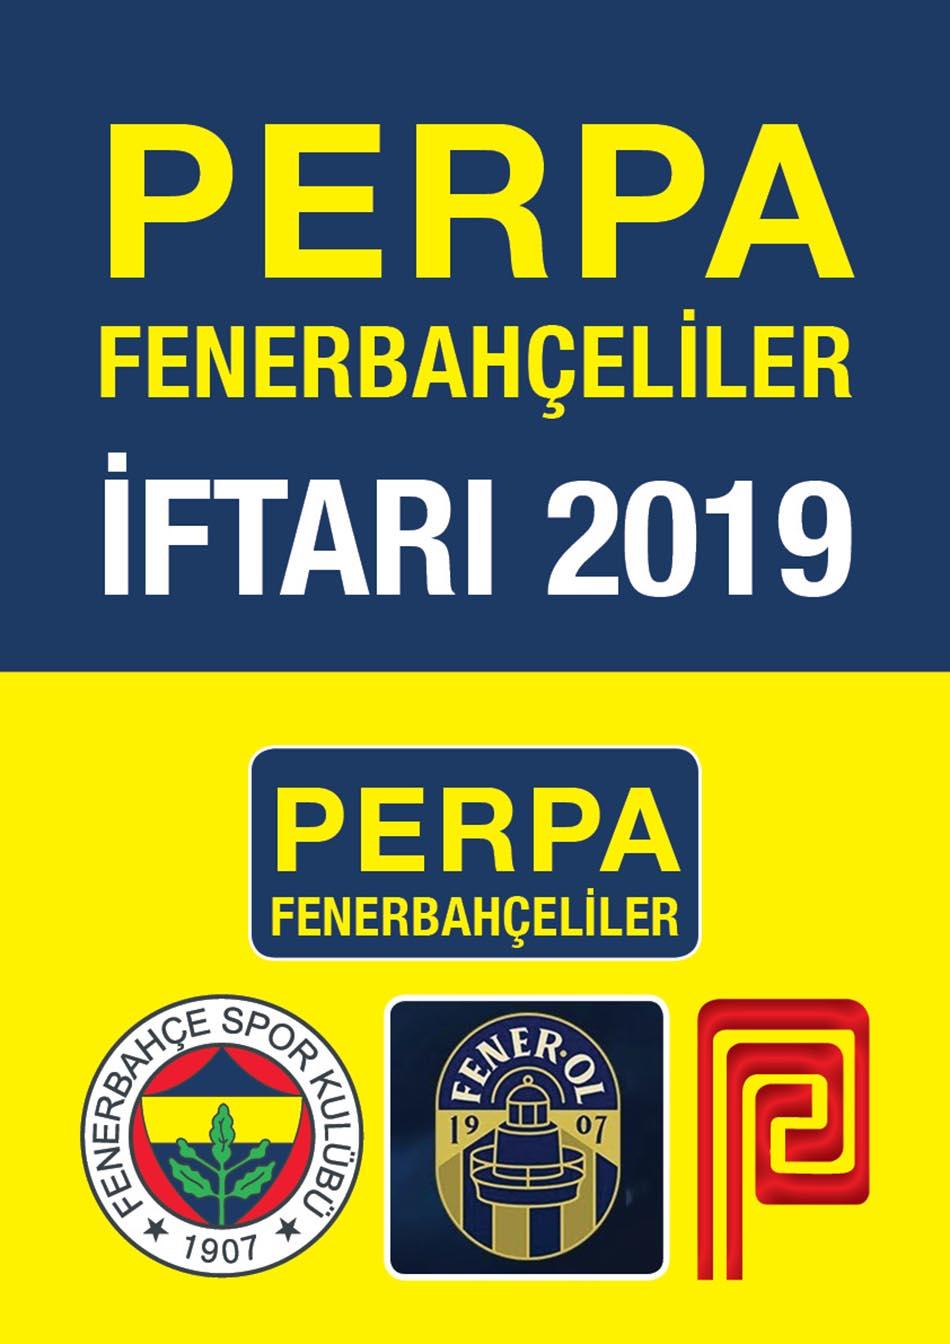 Perpa Fenerbahçeliler İftarı 2019